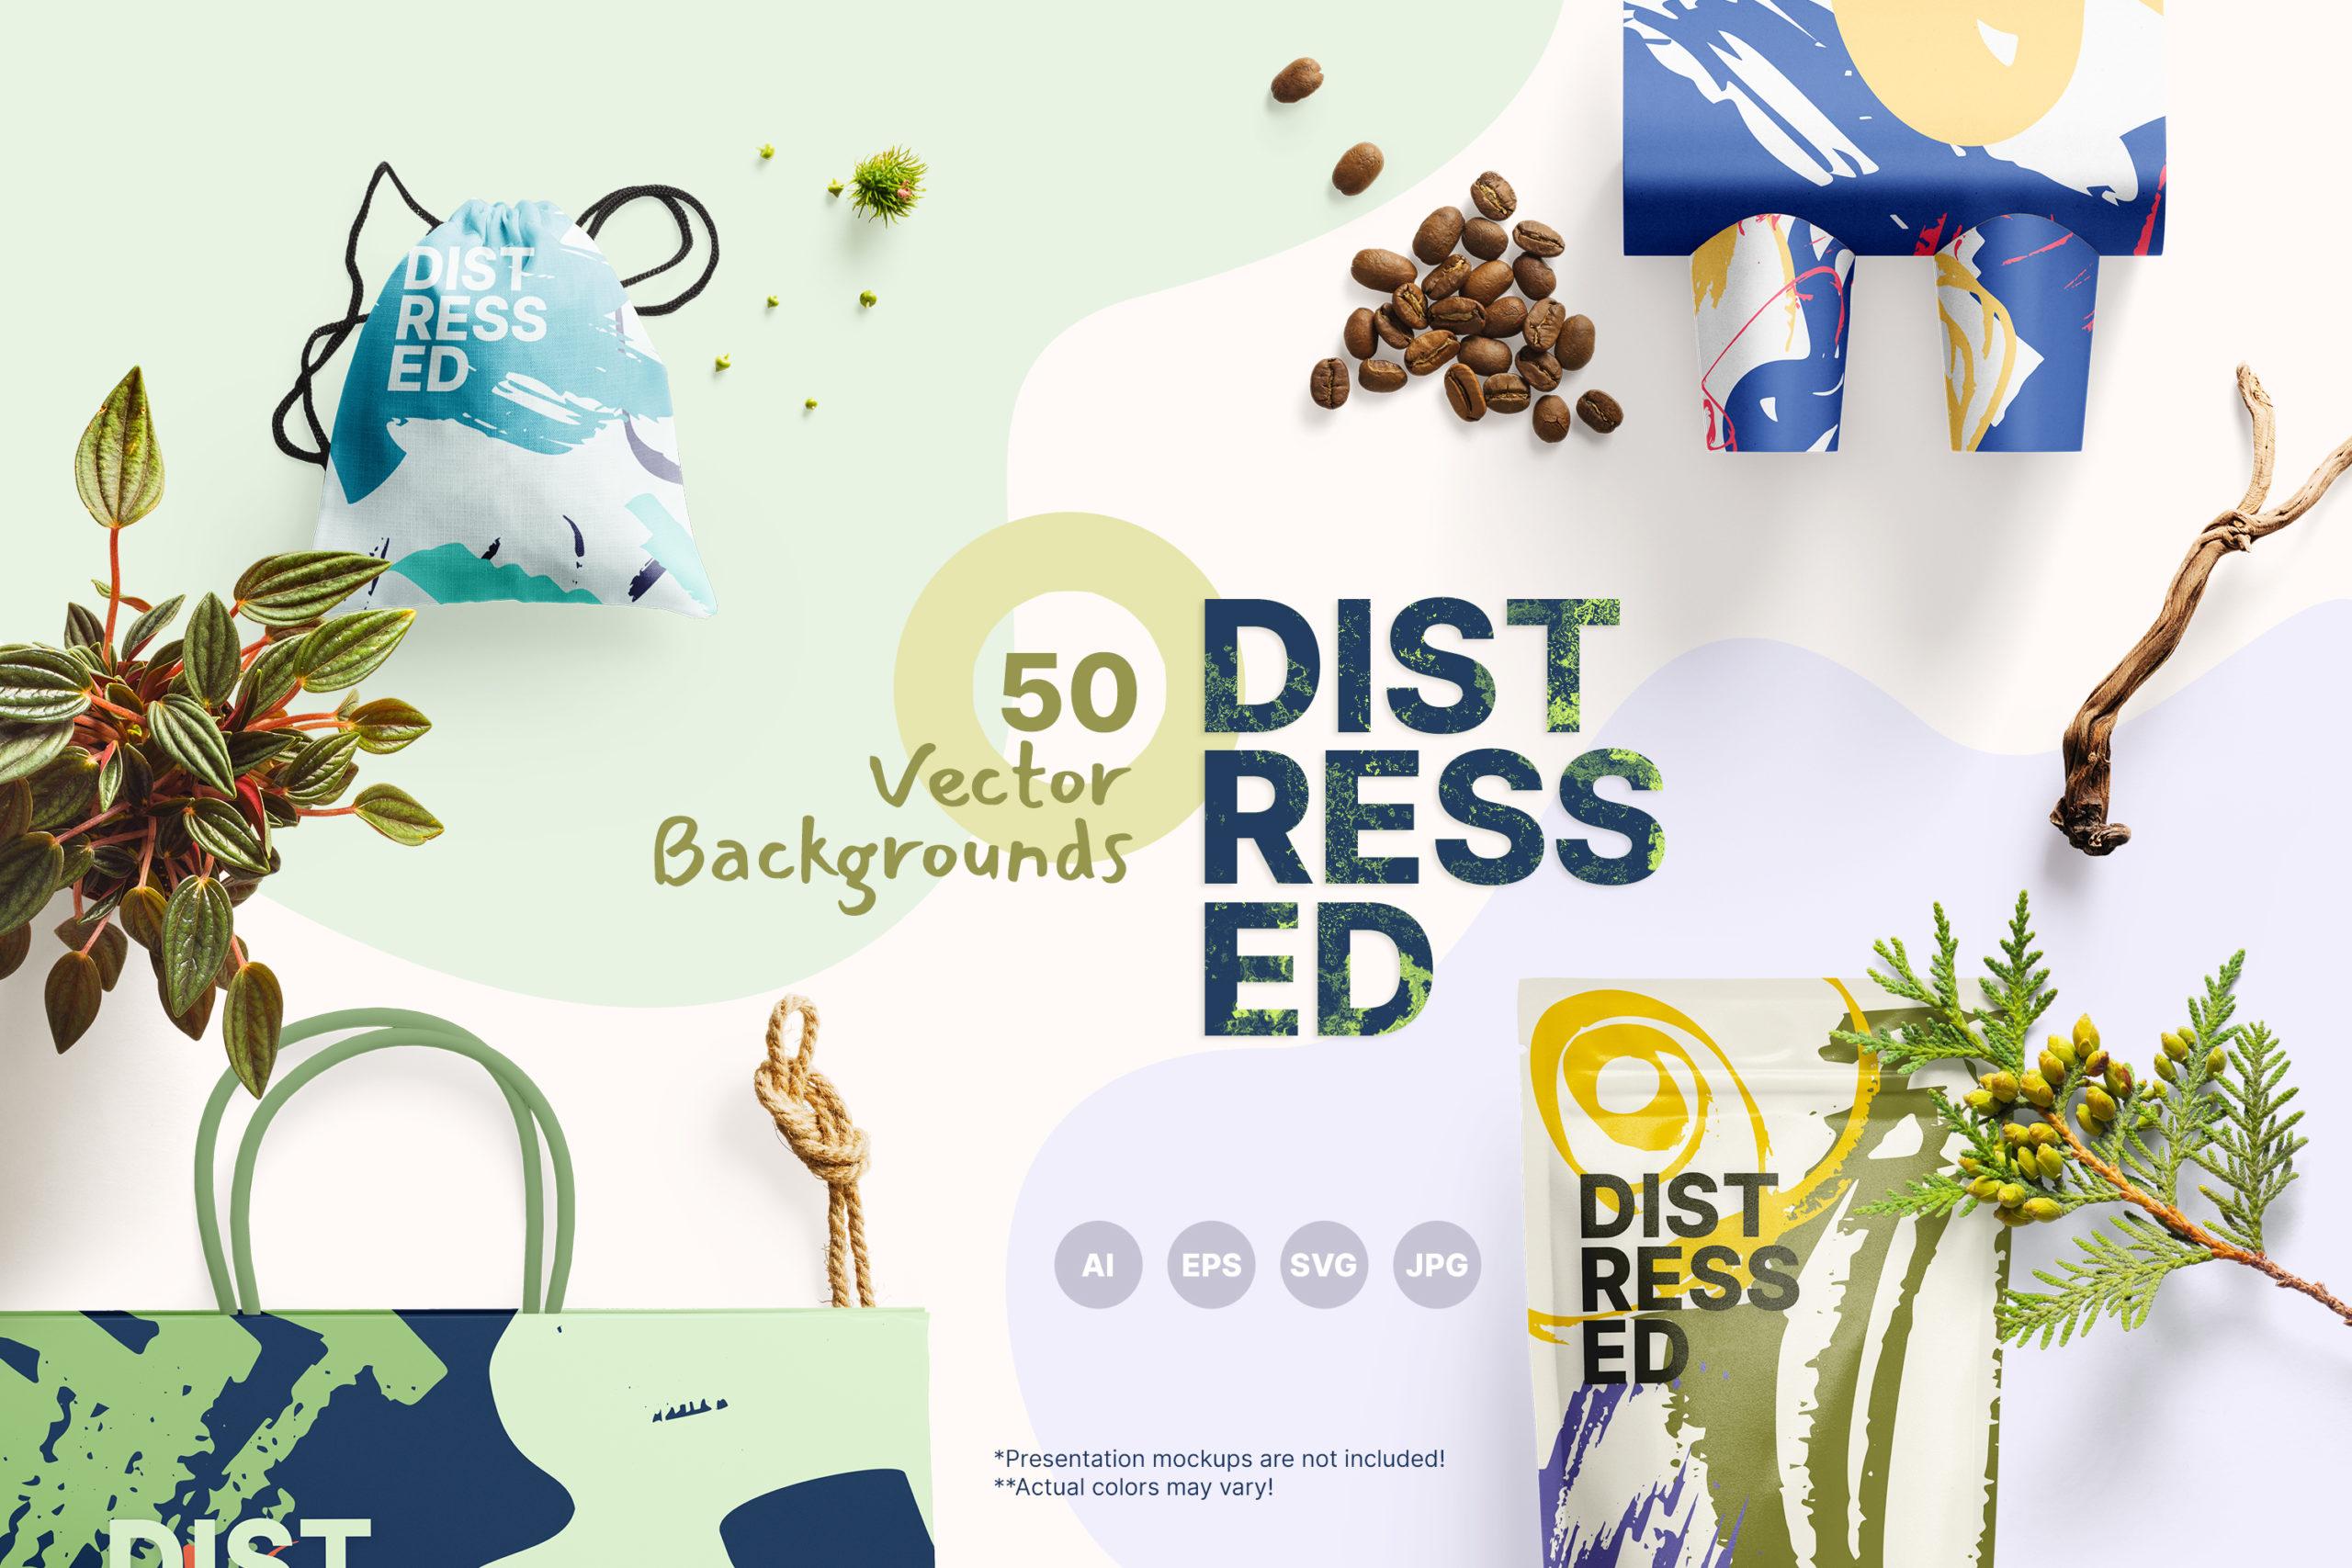 粗糙水墨毛笔笔触纹理海报设计背景图片矢量设计素材 Distressed Vector Backgrounds插图